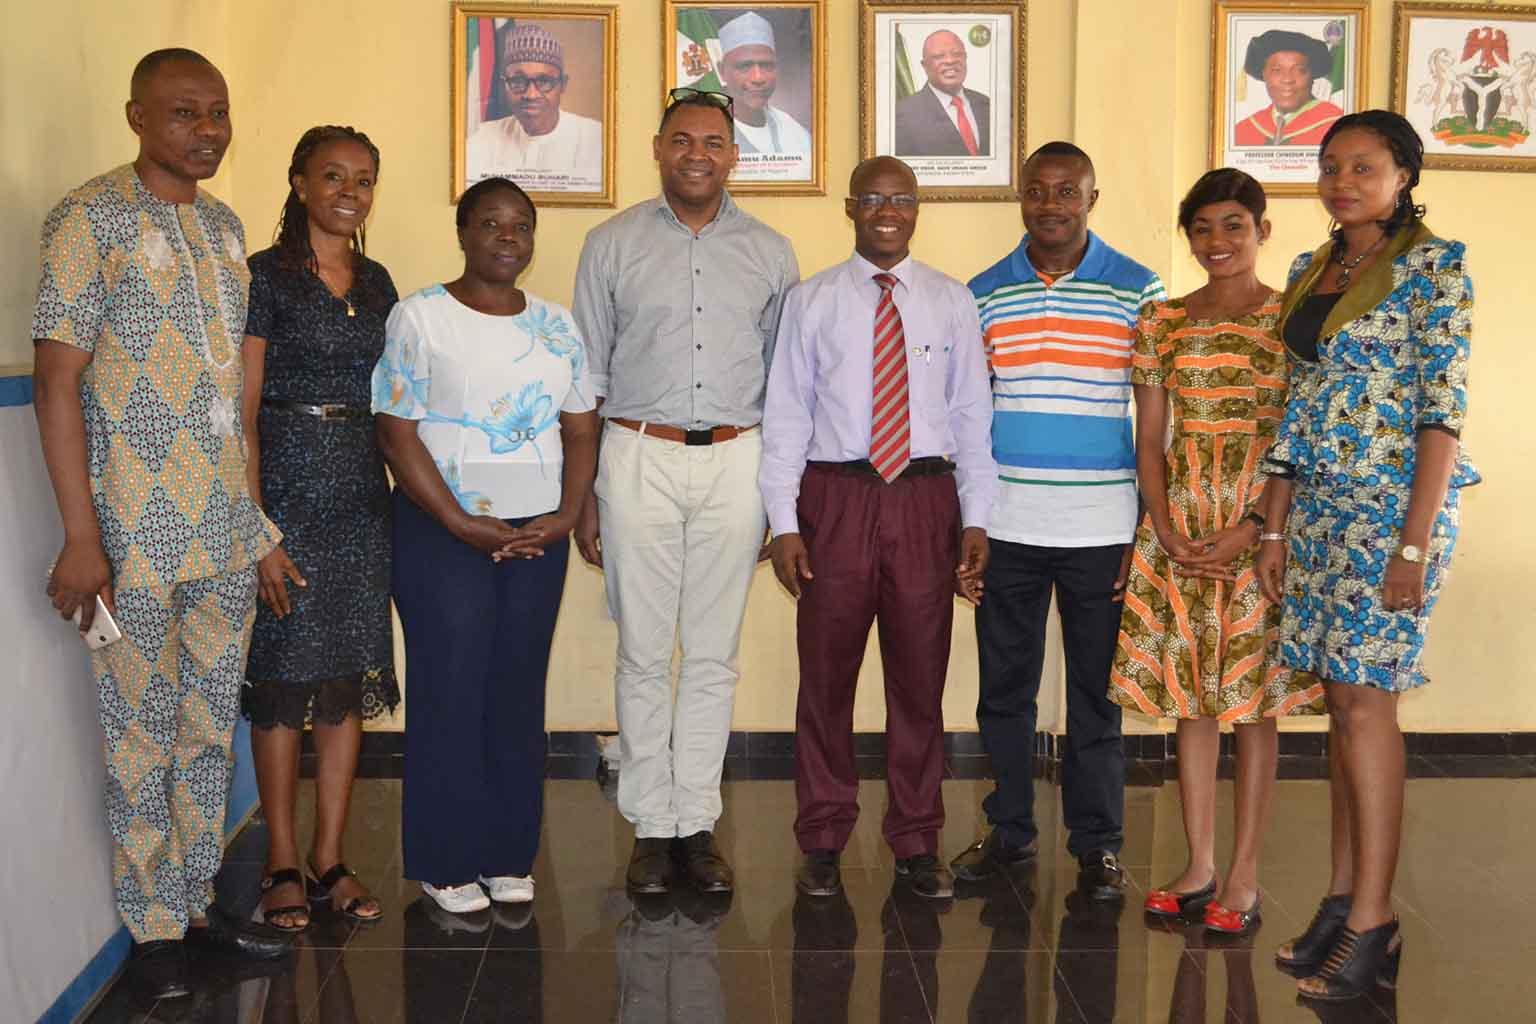 Group picture : Left to Right: Mr Iyke Ubochi (University PRO), Ms Chiaka Nnodi, Prof G.M.T Emezue, Prof Brando Okolo, Prof Jonny Ogunji, Mr